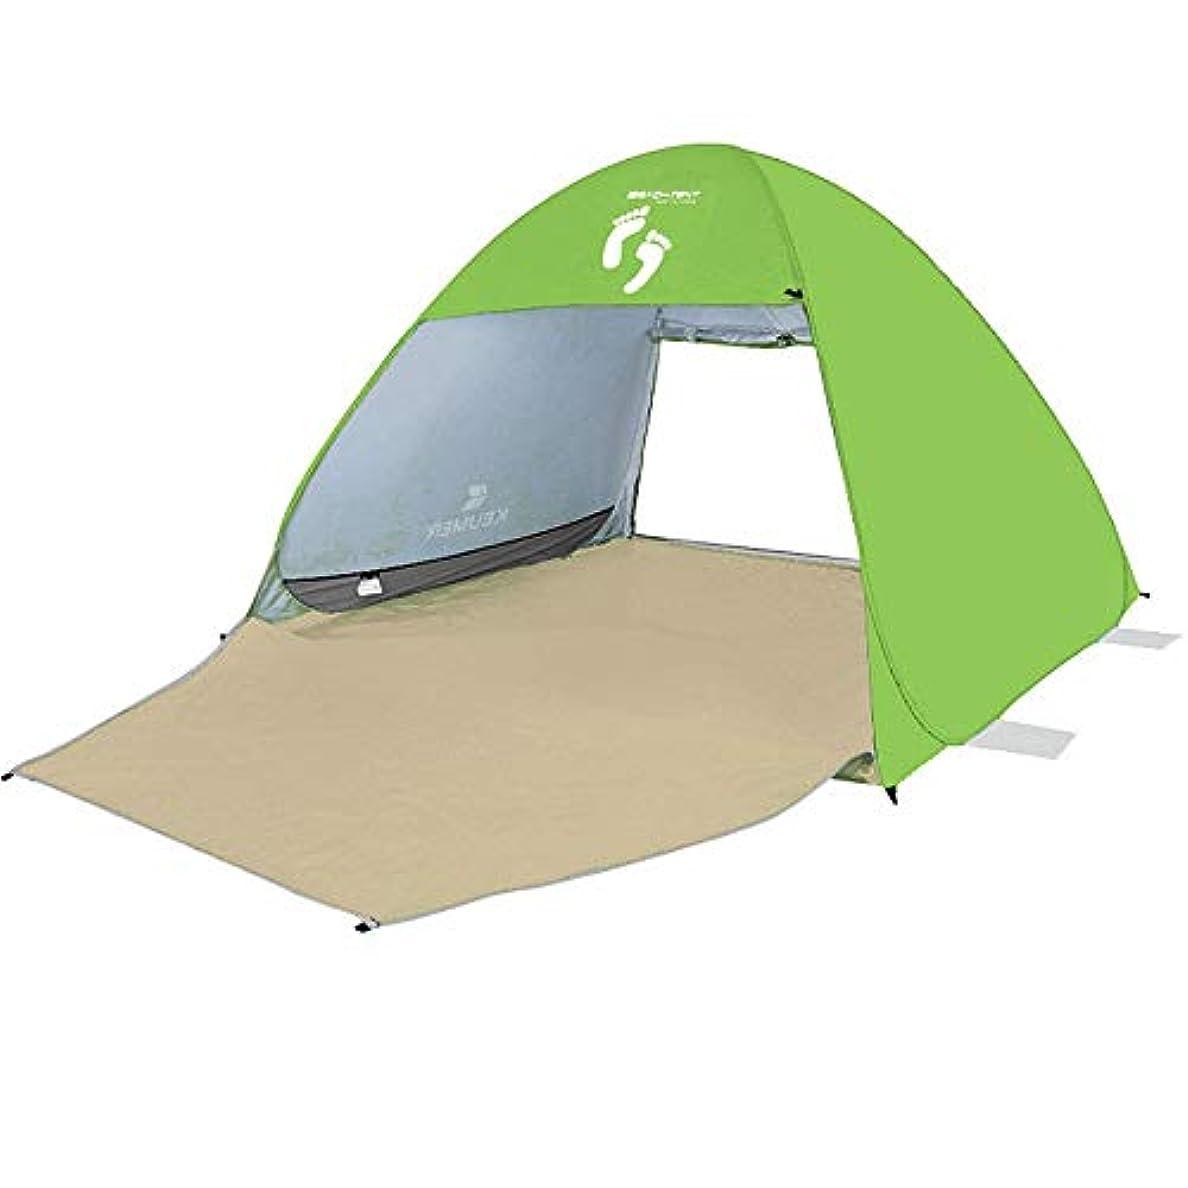 野菜払い戻し清めるアウトドアファミリーギャザリングキャンプ アウトドアスポーツUVプロテクションポップアップ防水ビーチテントスーパーブルーコーストビーチパラソルアウトドア自動サンシェルターカバナUPF 50+サンシェードポータブルキャンプ釣りハイキングキャノピー簡単セットアップ3-4キャリングバッグをお持ちの方 (色 : 緑)